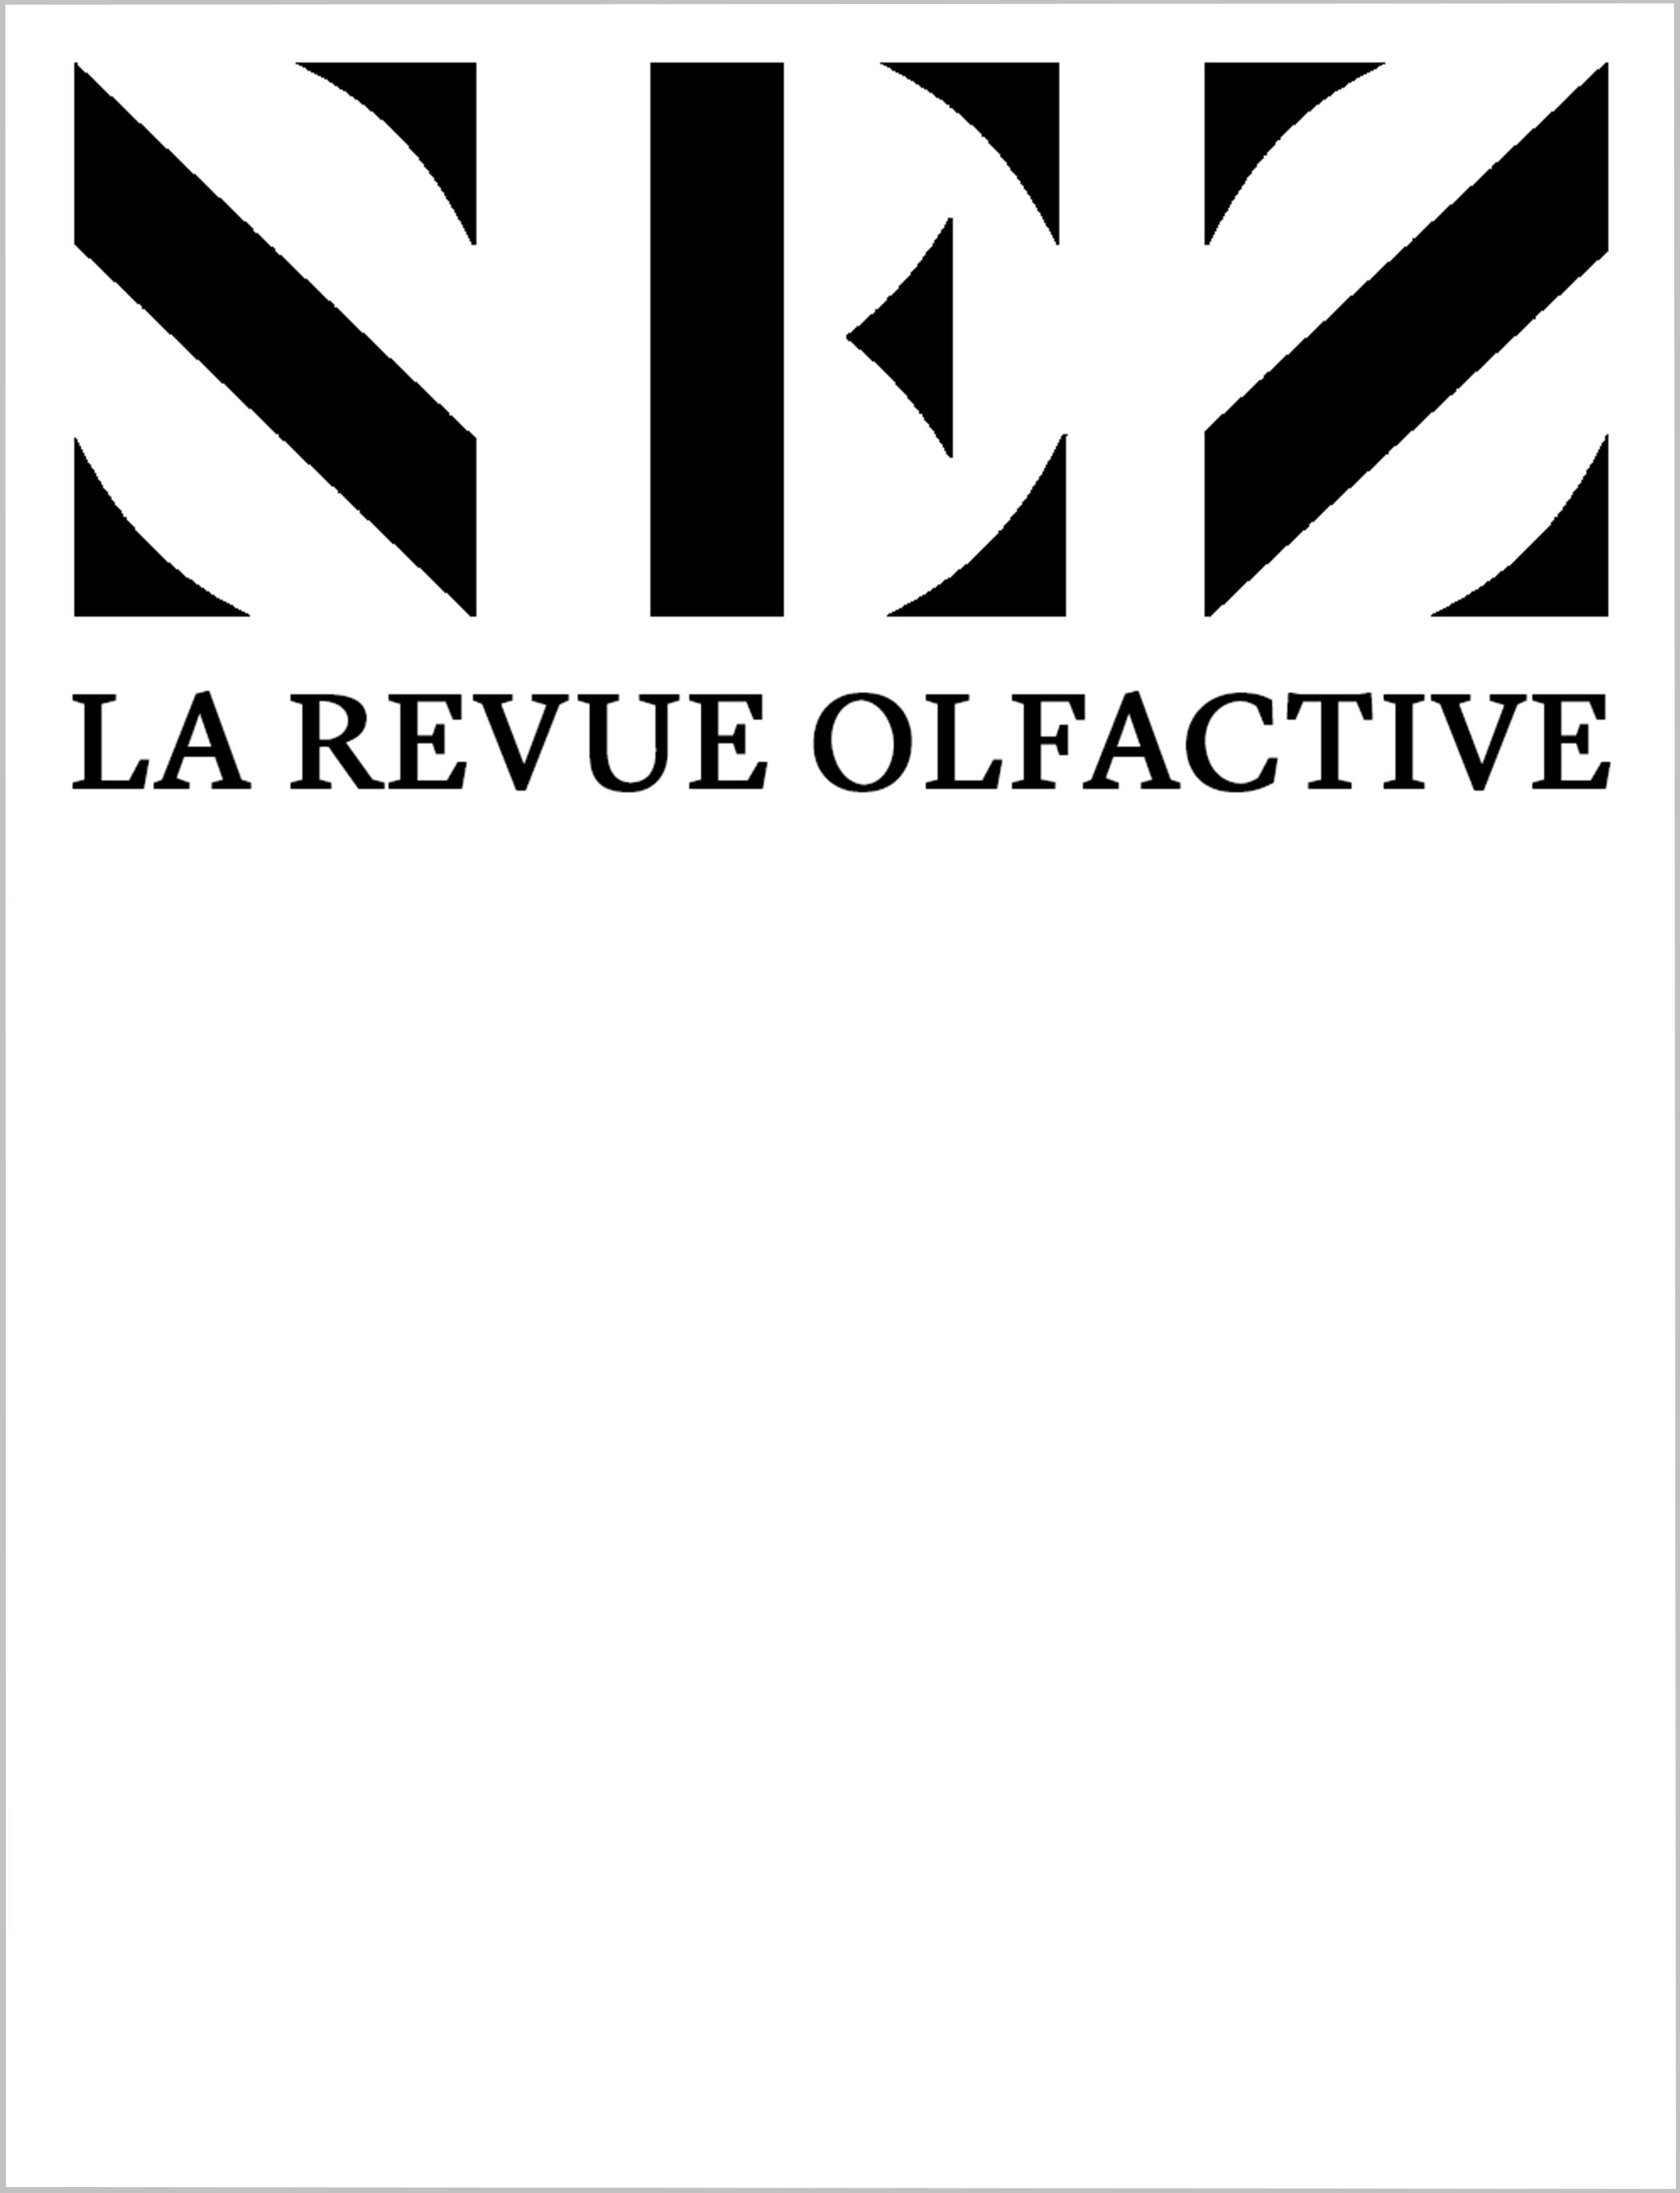 Nez La revue